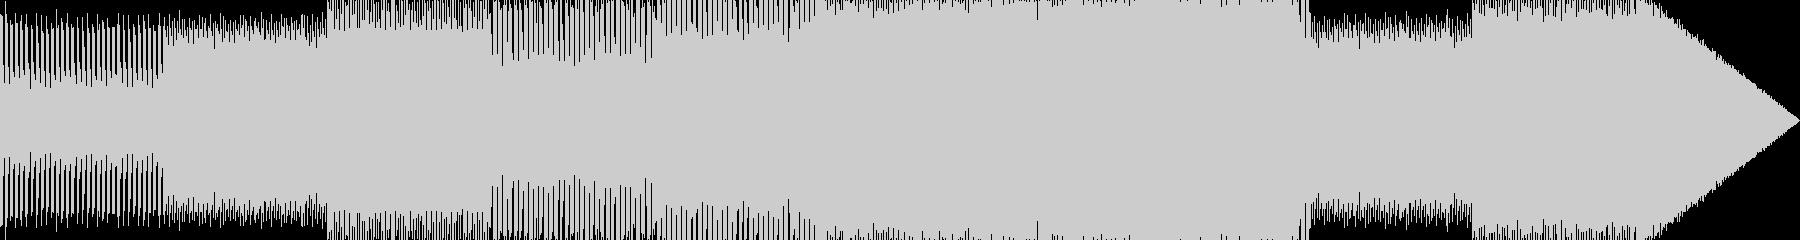 プログレッシブ。の未再生の波形